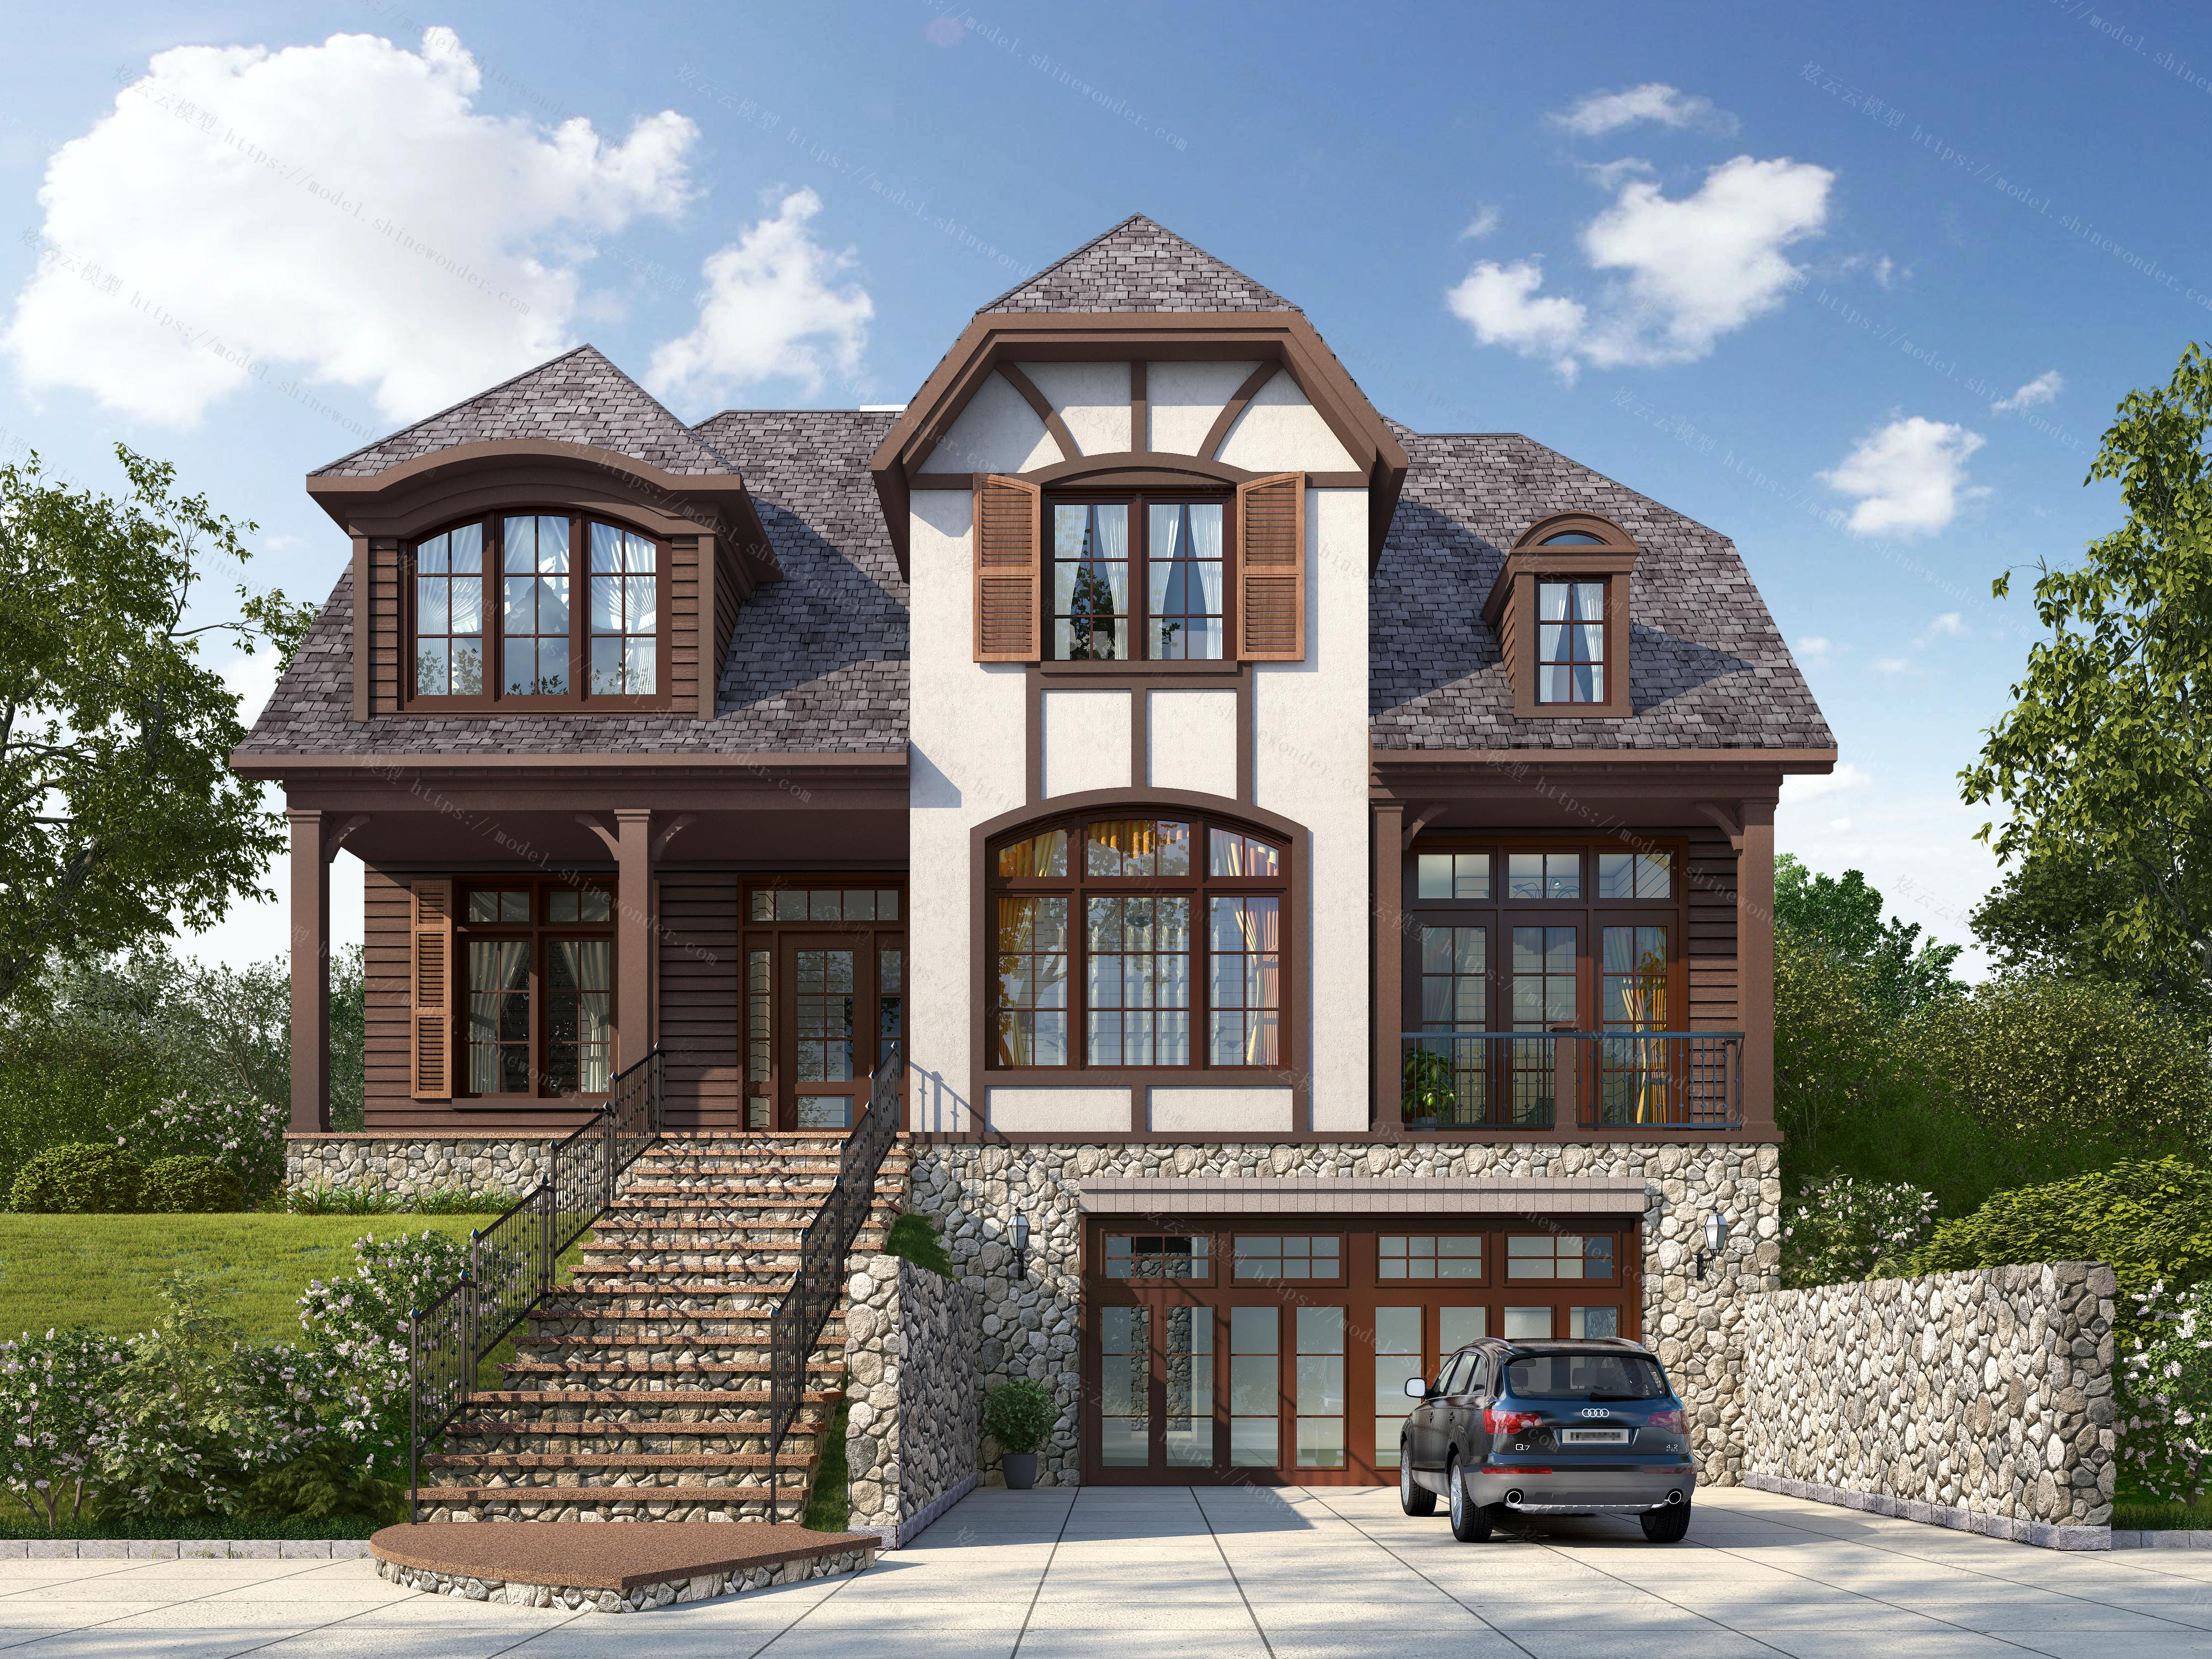 美式坡顶三层别墅建筑外观模型